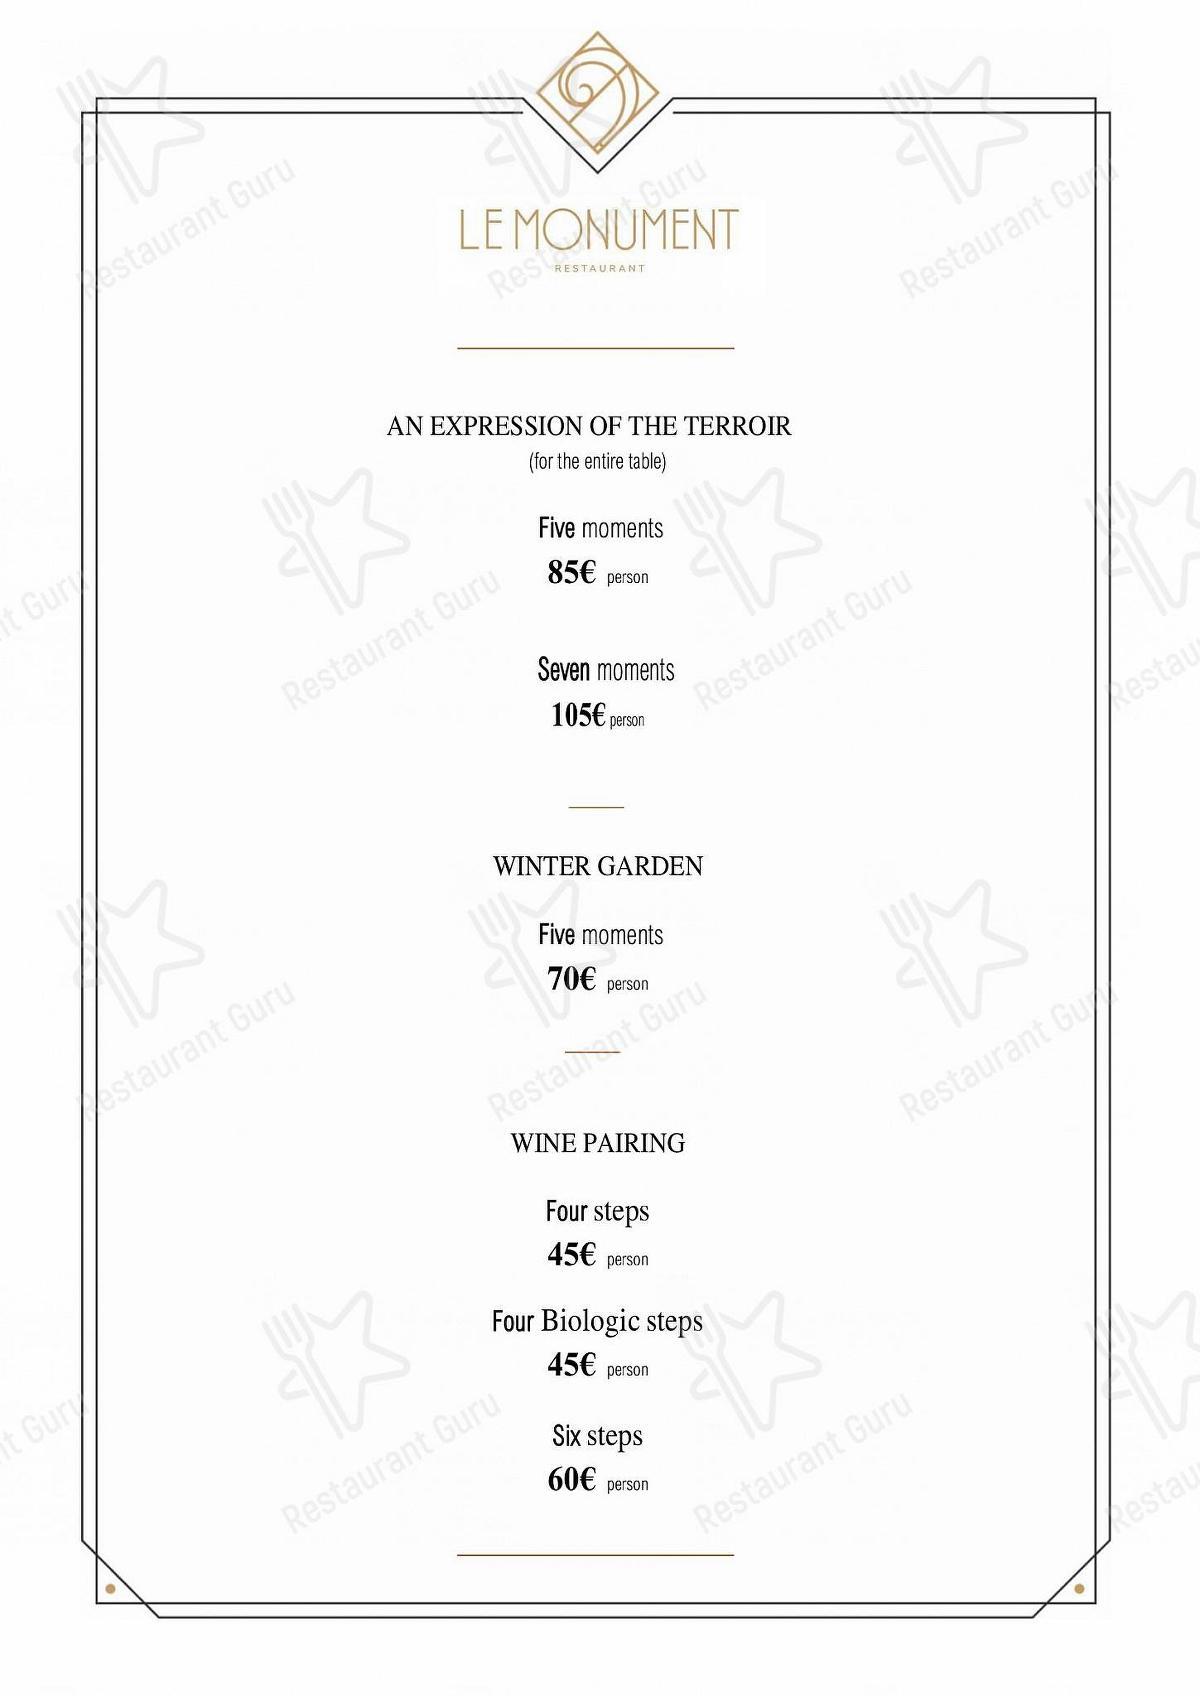 Carta de Le Monument - comidas y bebidas